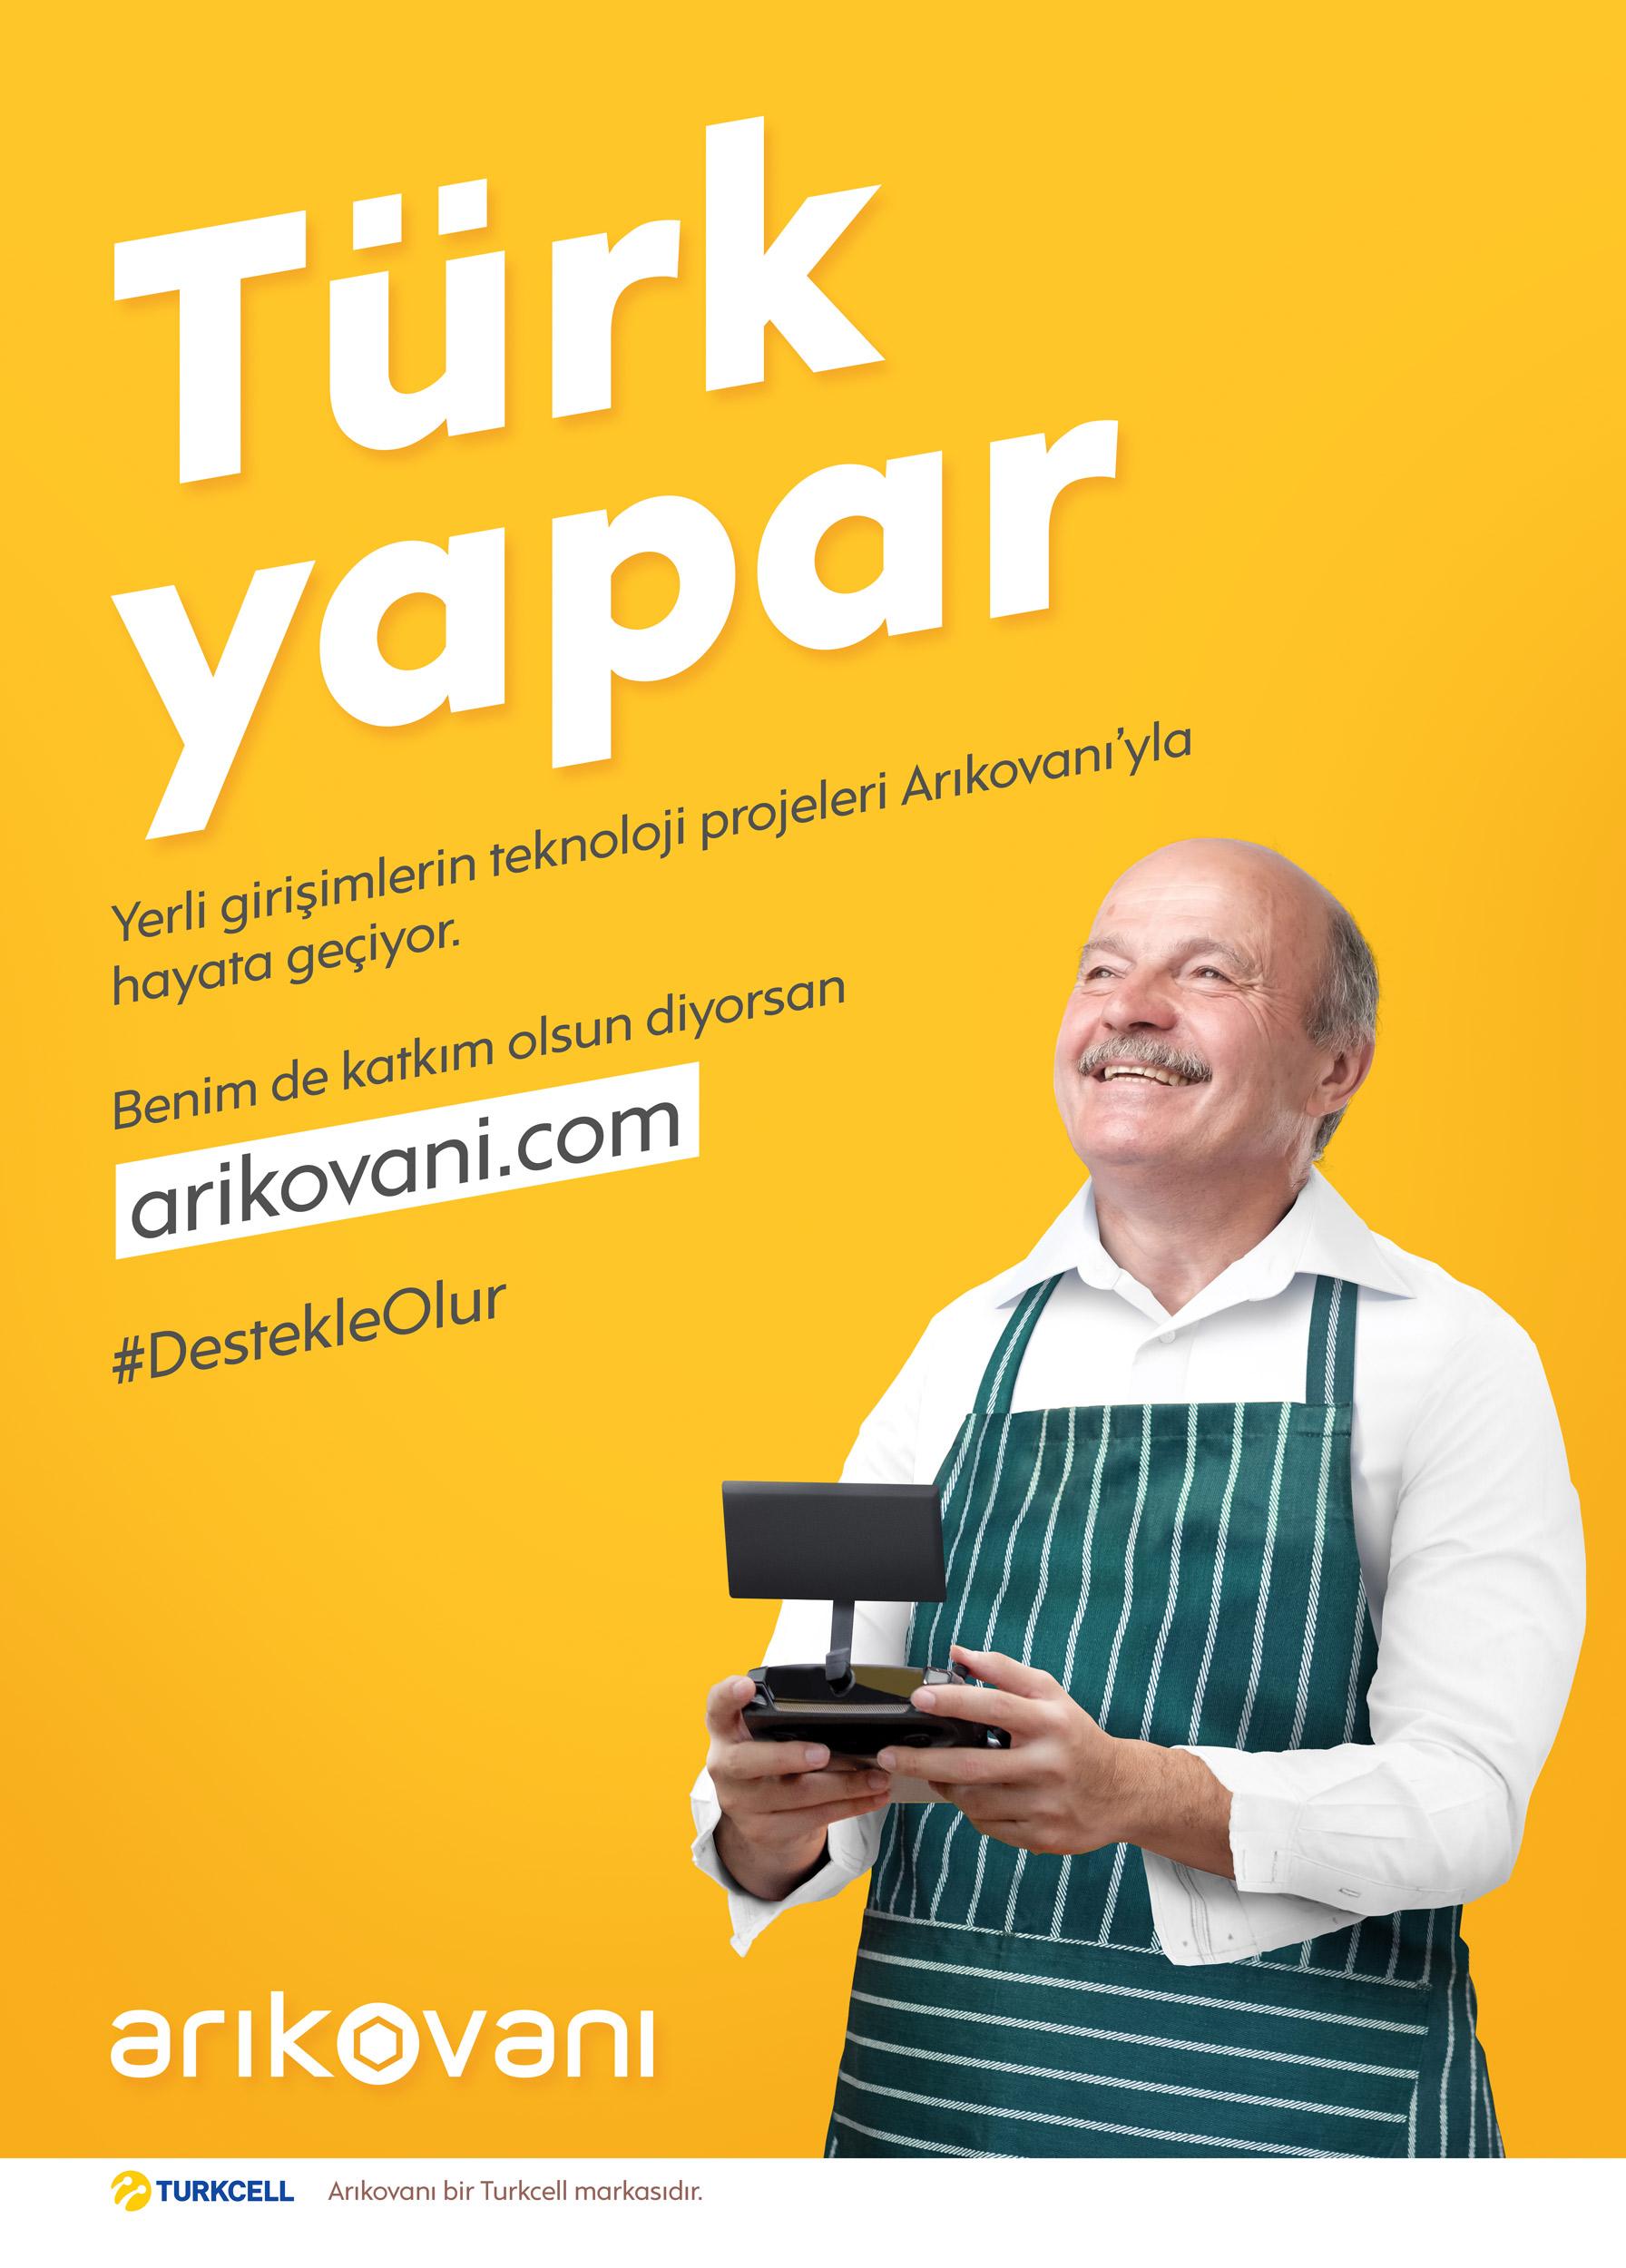 turkcell-arıkovanı-reklamı-türkiyenin-reklamları-reklamlar-kitle-fonlama-melek-yatırım